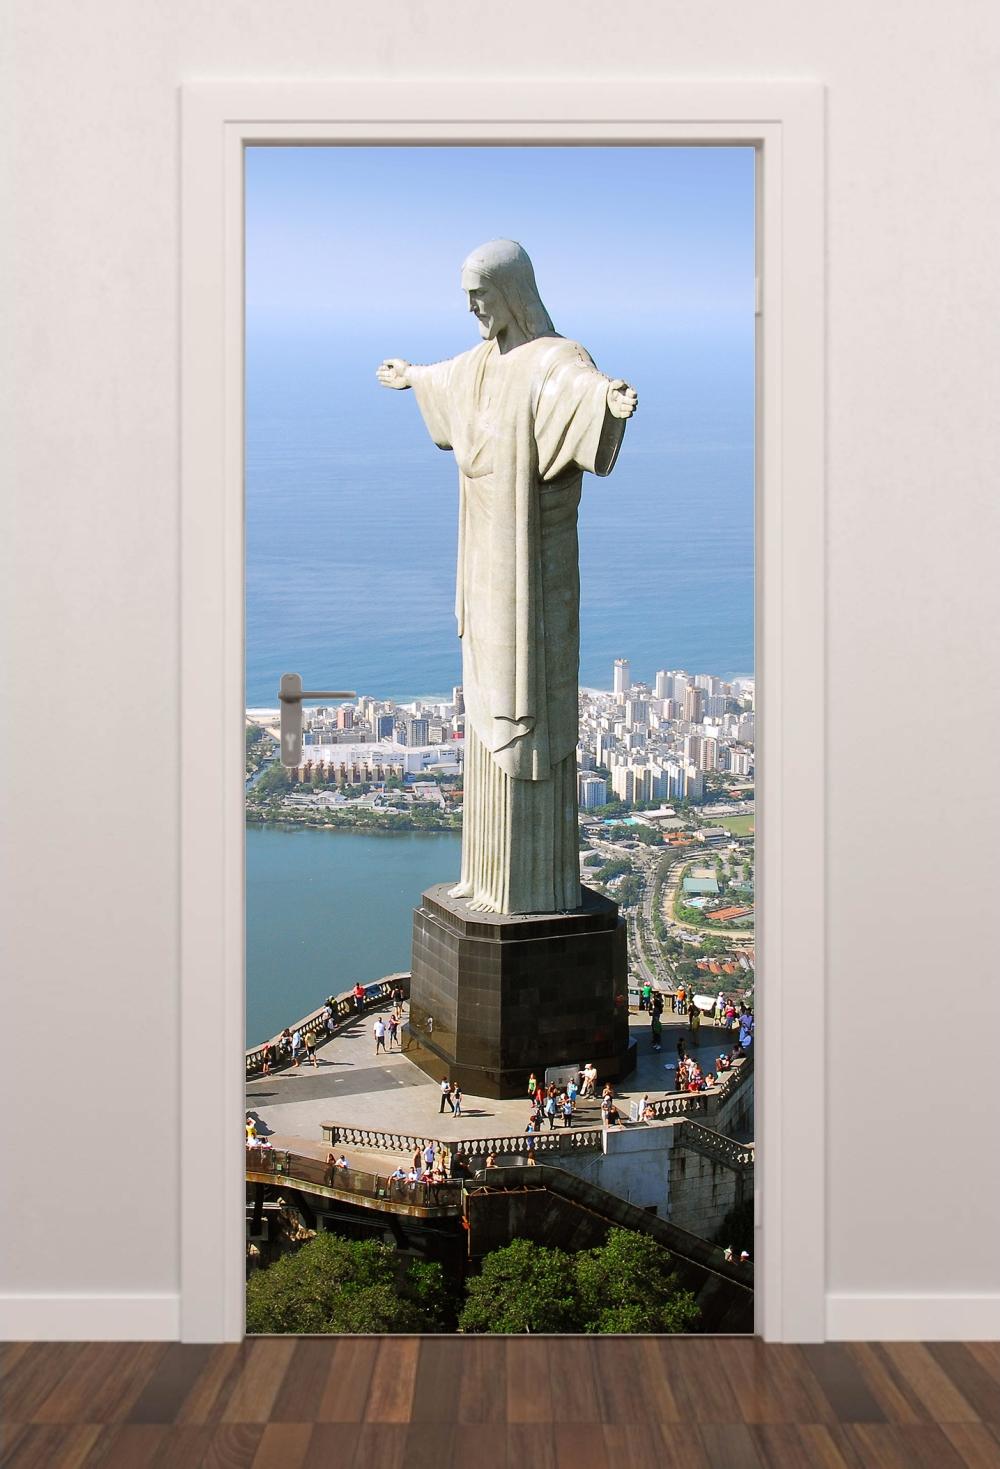 41caf7c79c9 Adesivo Porta Cristo Redentor Quarto Sala Banheiro